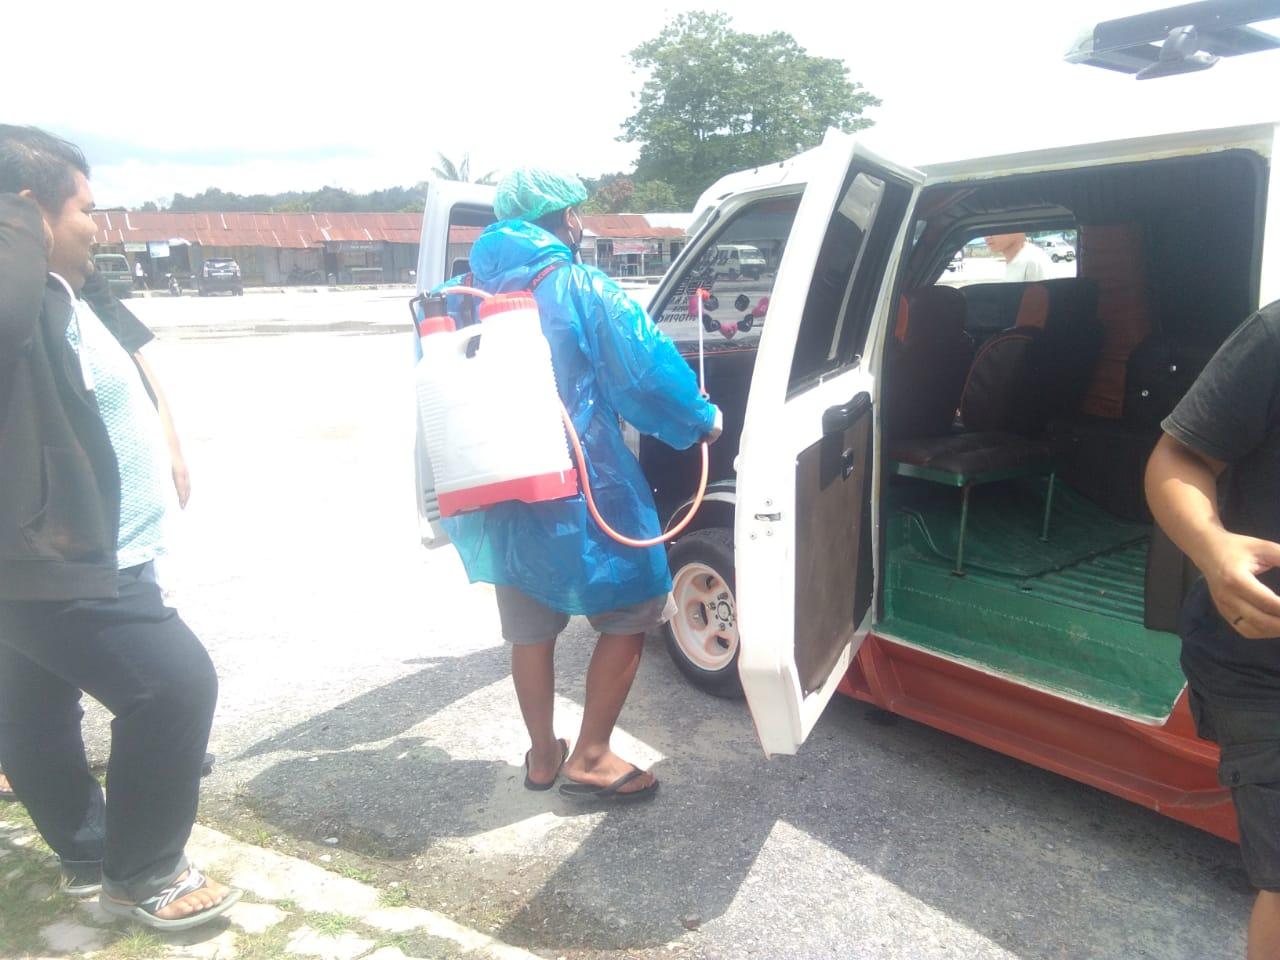 Anggota IAT saat menyemprot angkutan umum menggunakan cairan desinfektan. Foto: Rakyatsumut.com/ Paska Marbun